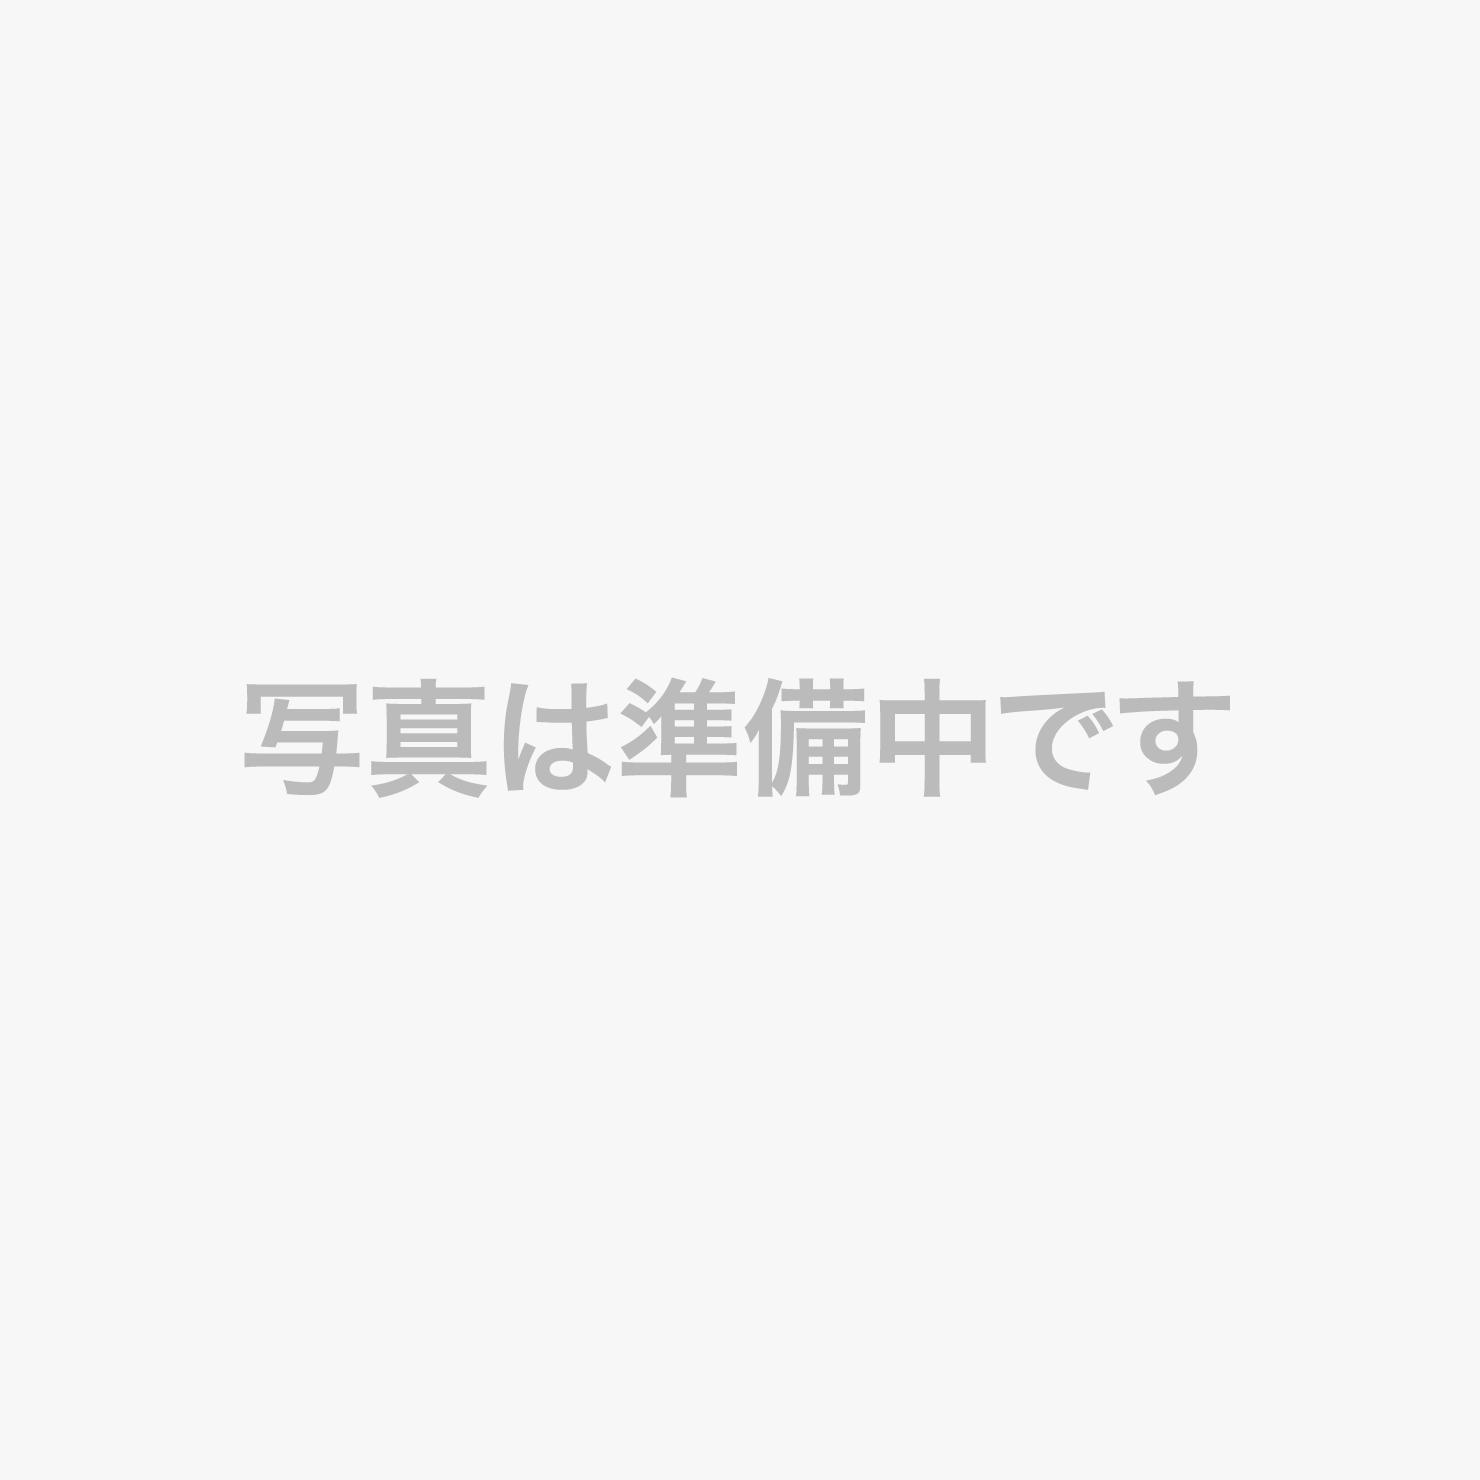 ◆炊合せ/丸茄子旨煮、菊大根旨煮など(2020年9月お食事イメージ)